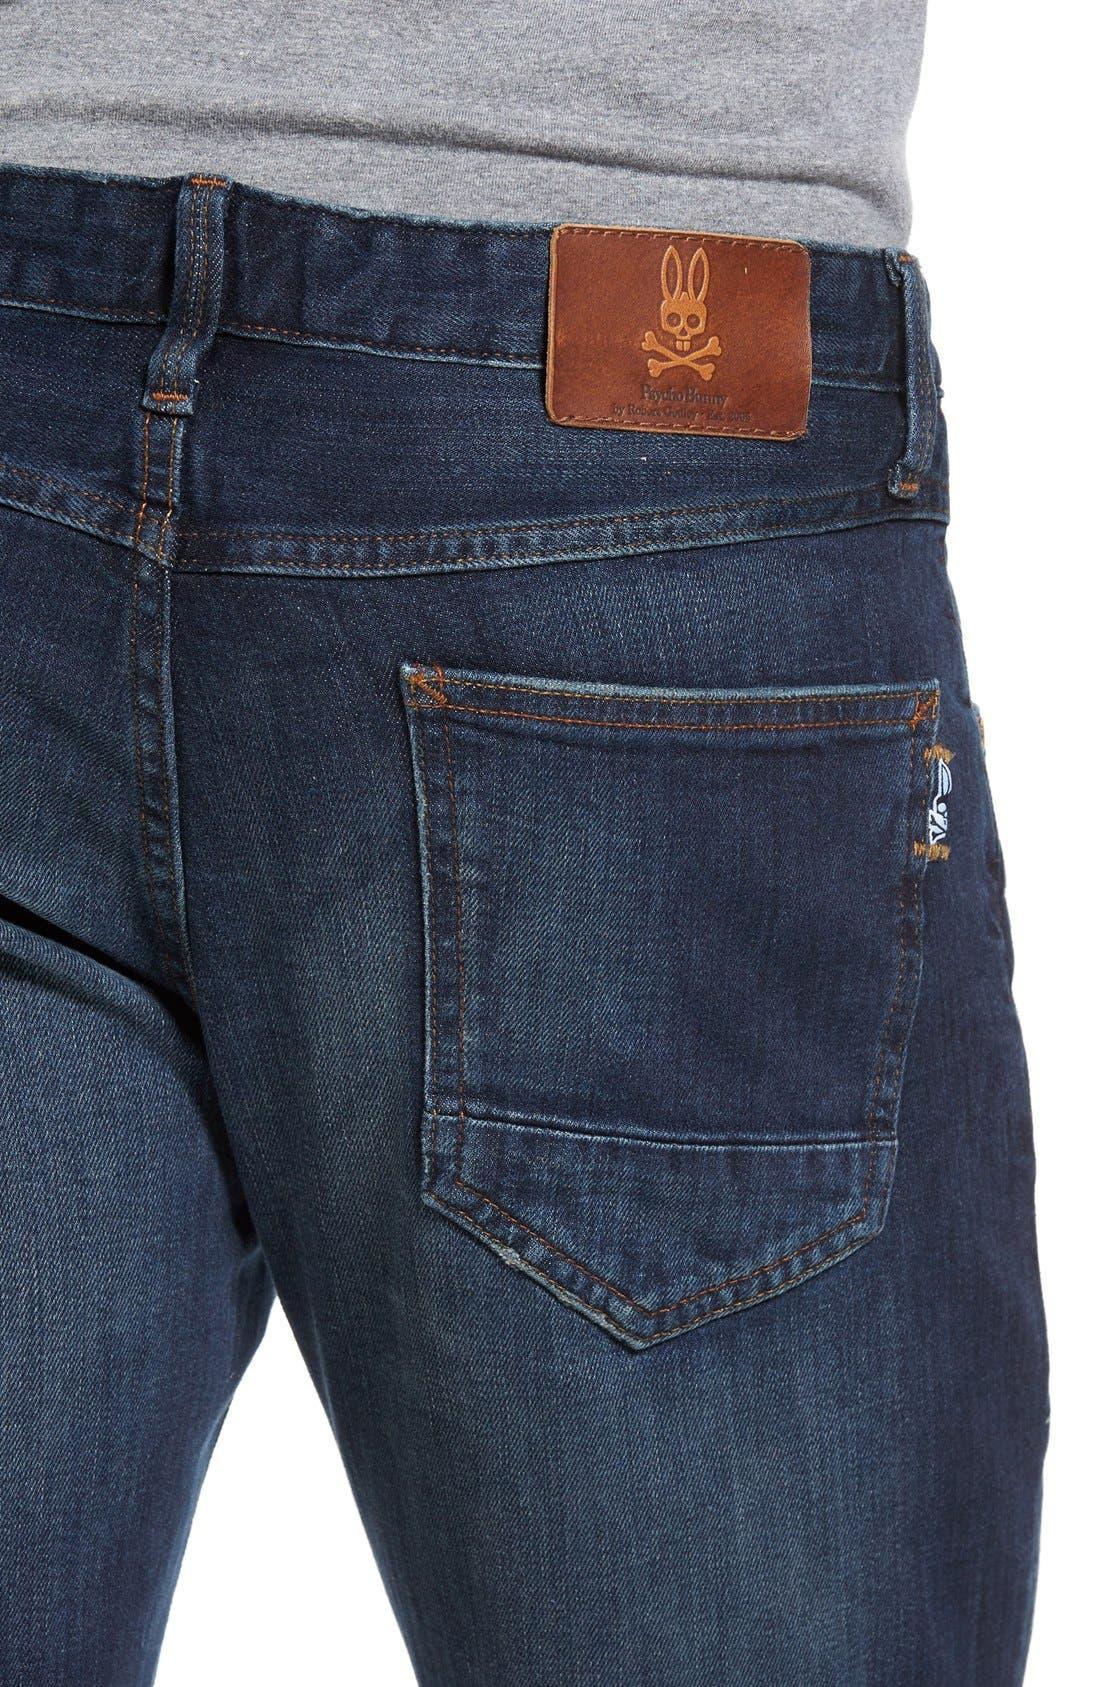 Alternate Image 4  - Psycho Bunny Spitfire Slim Fit Jeans